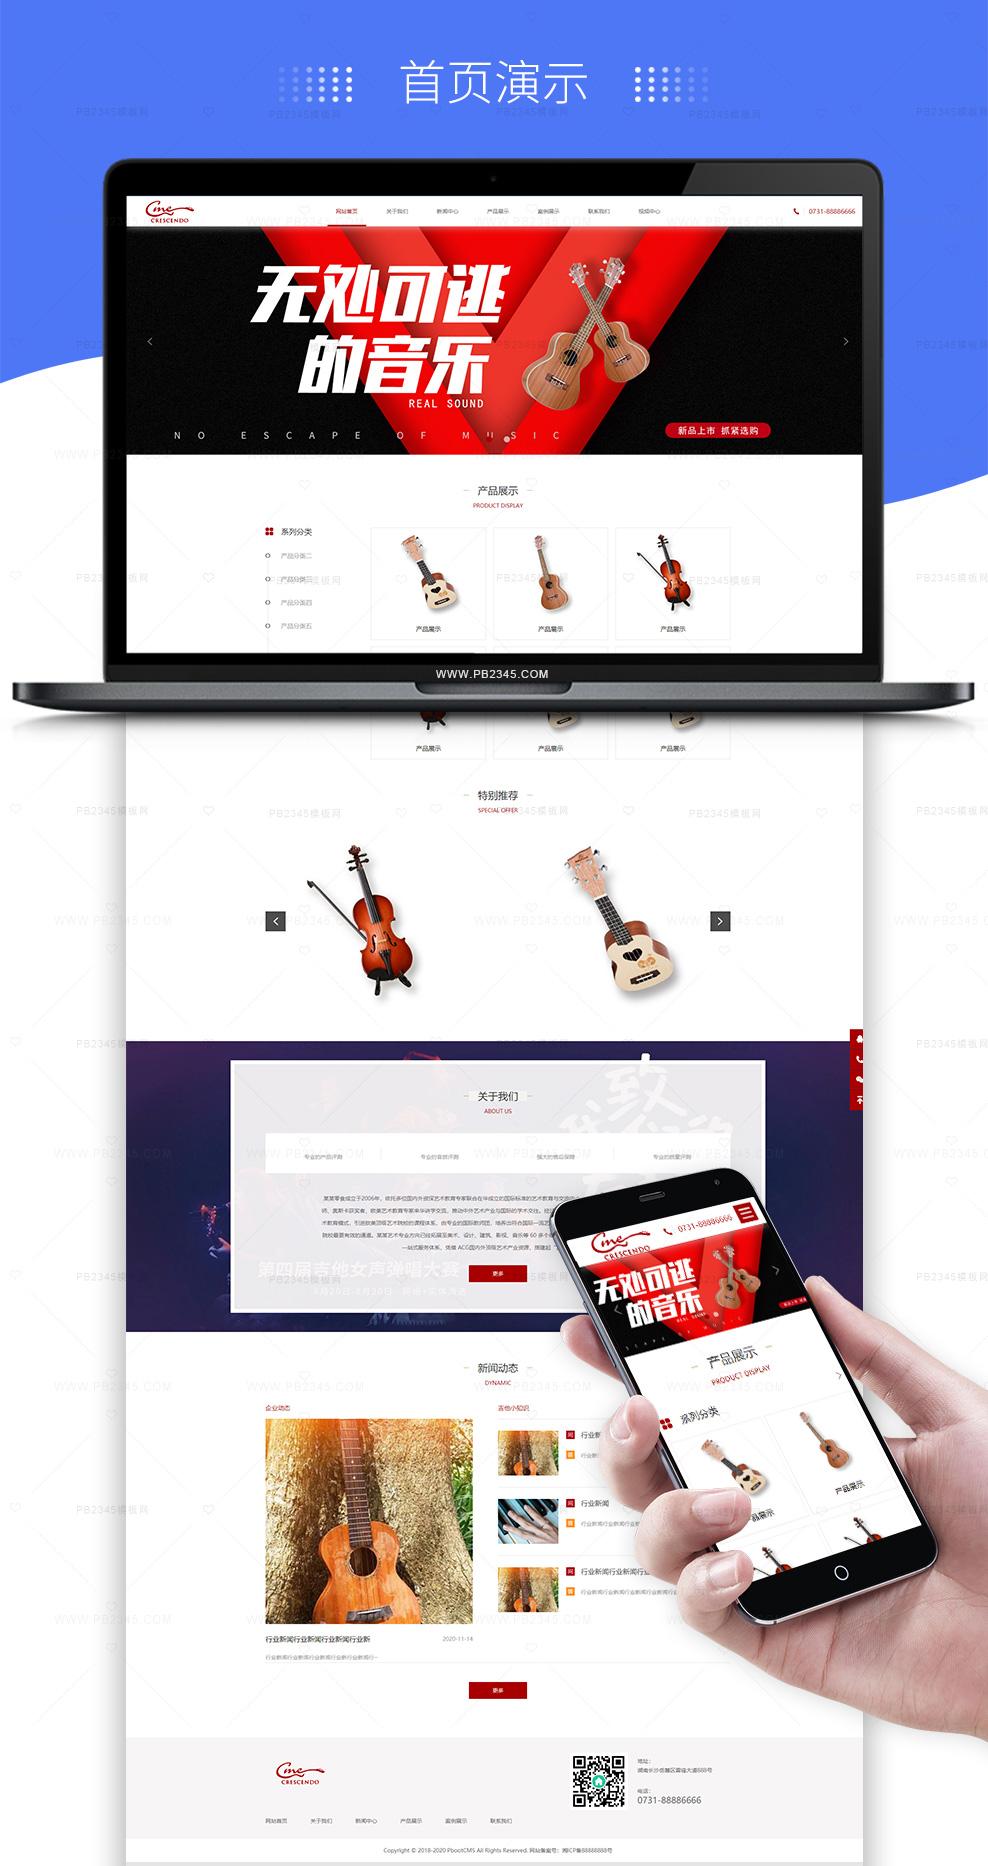 pbootcms乐器吉他培训教育类响应式自适应网站模板